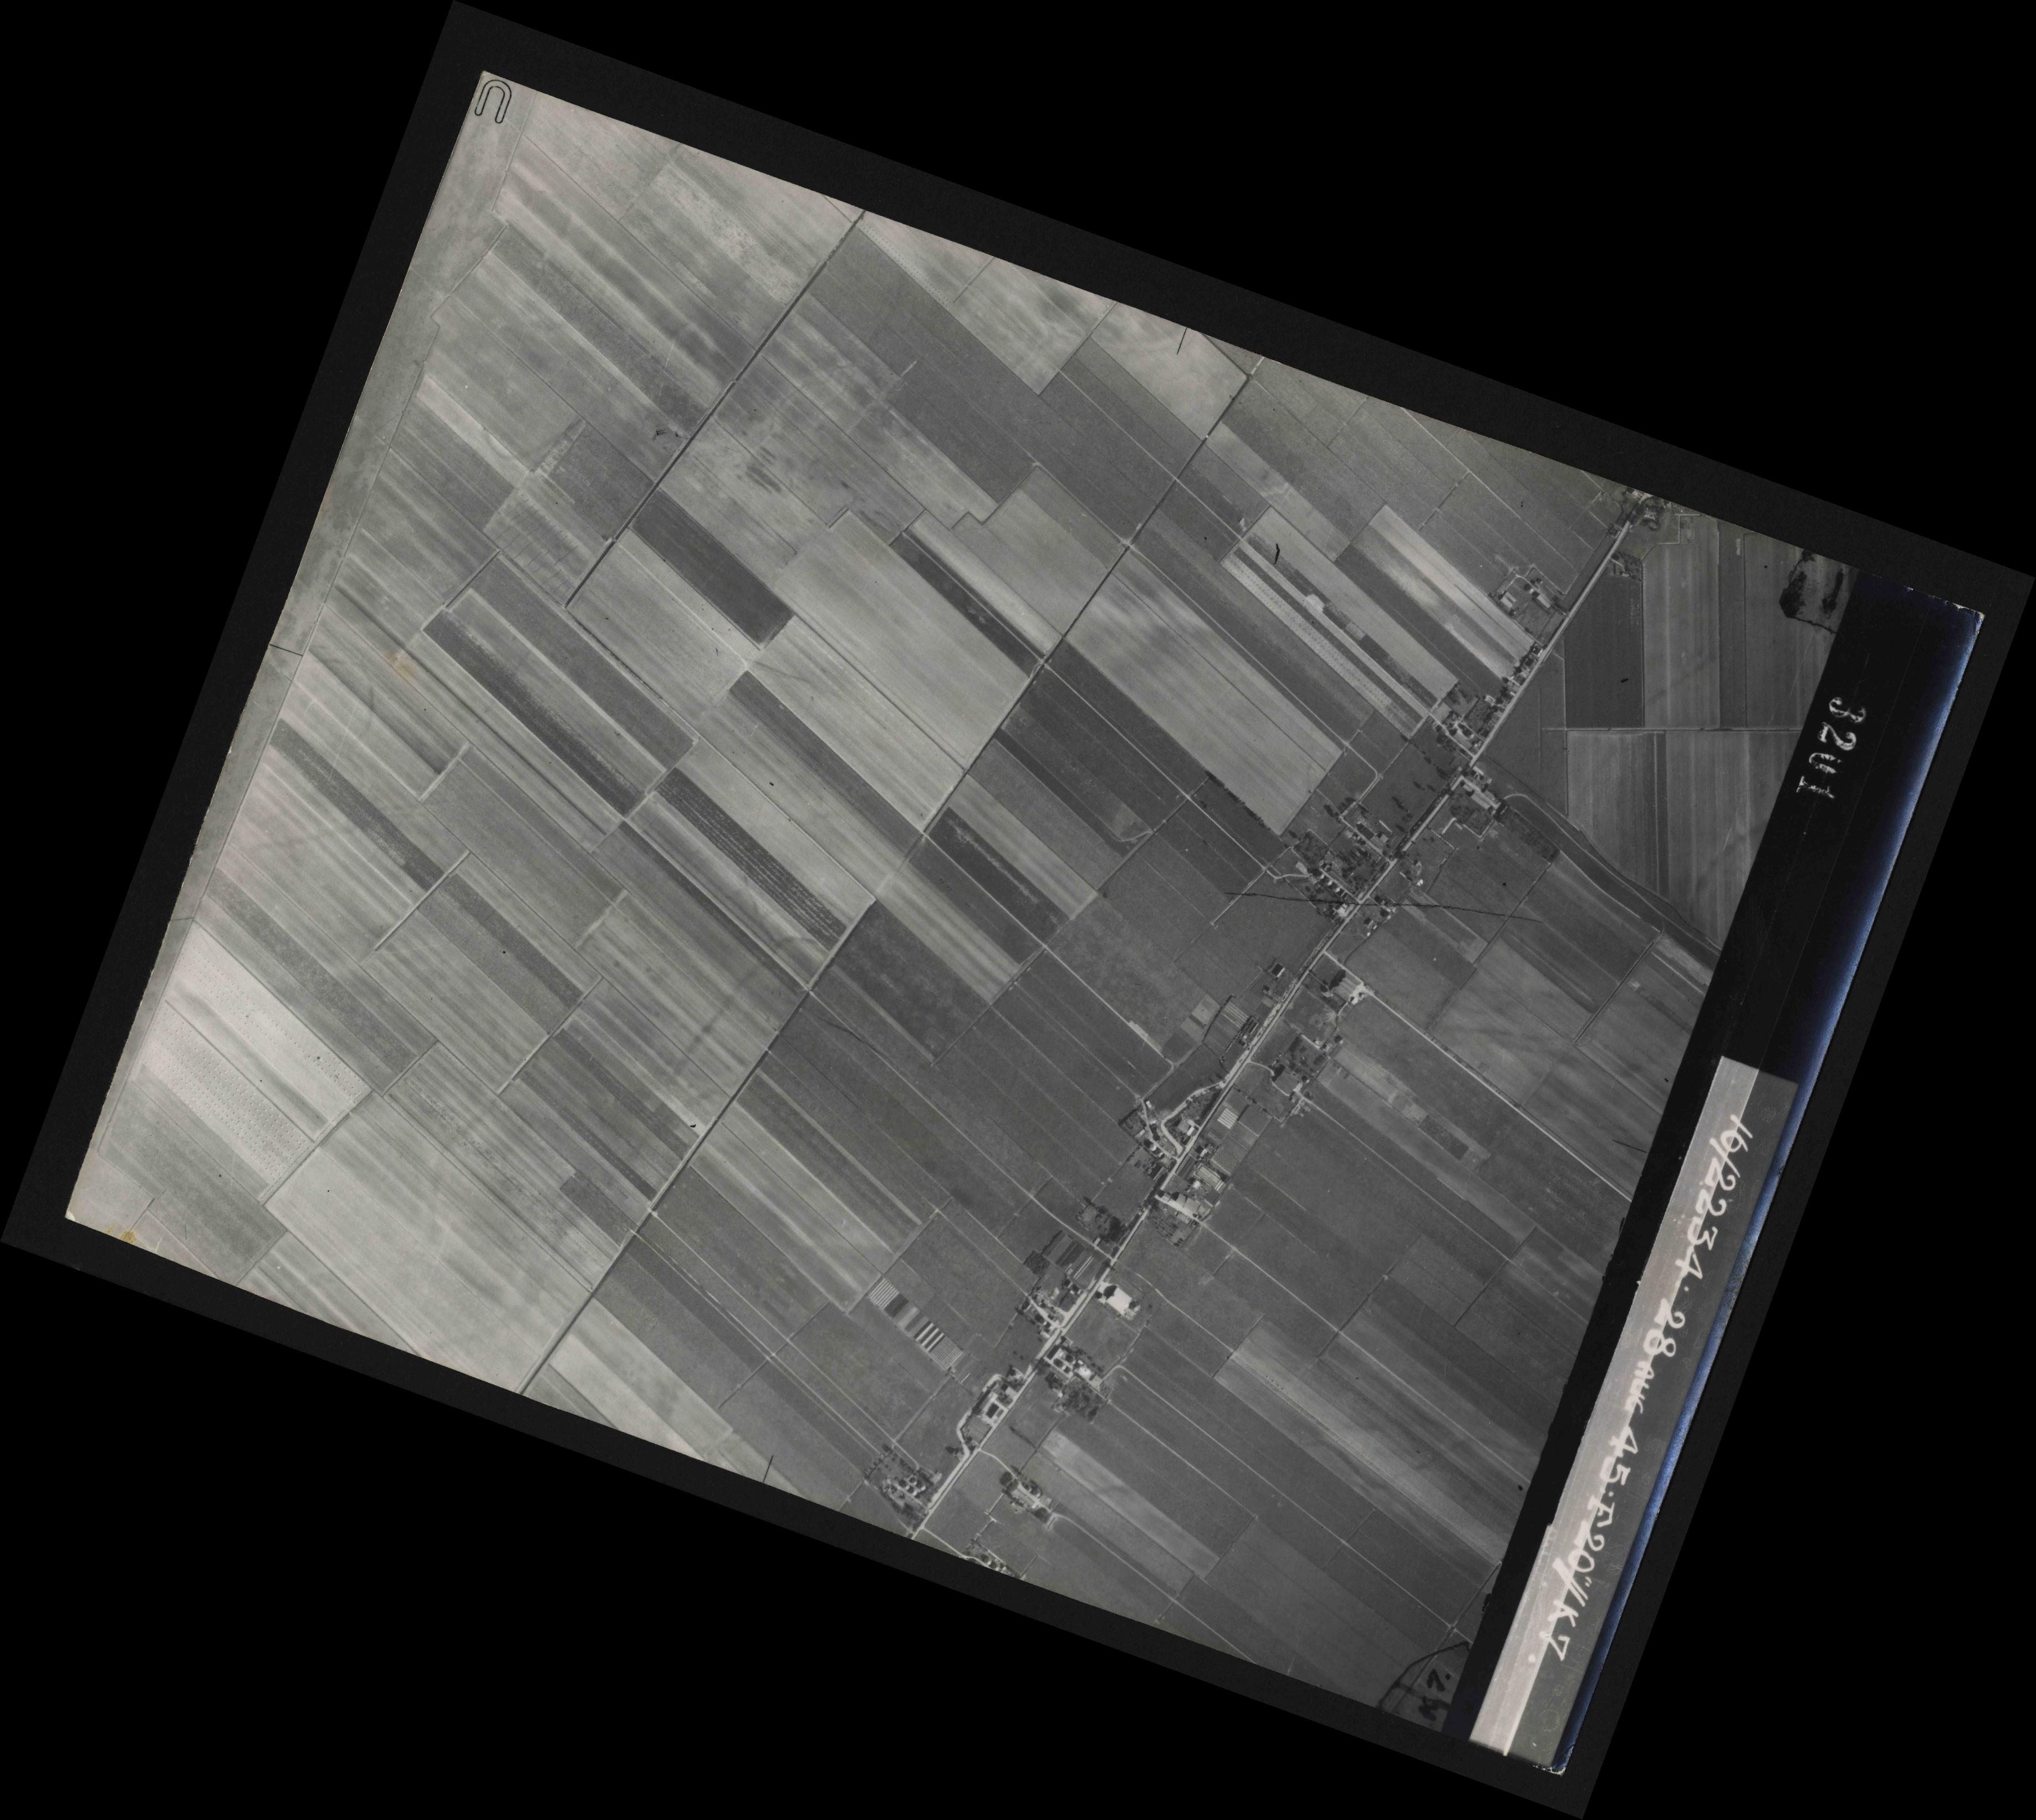 Collection RAF aerial photos 1940-1945 - flight 031, run 02, photo 3201